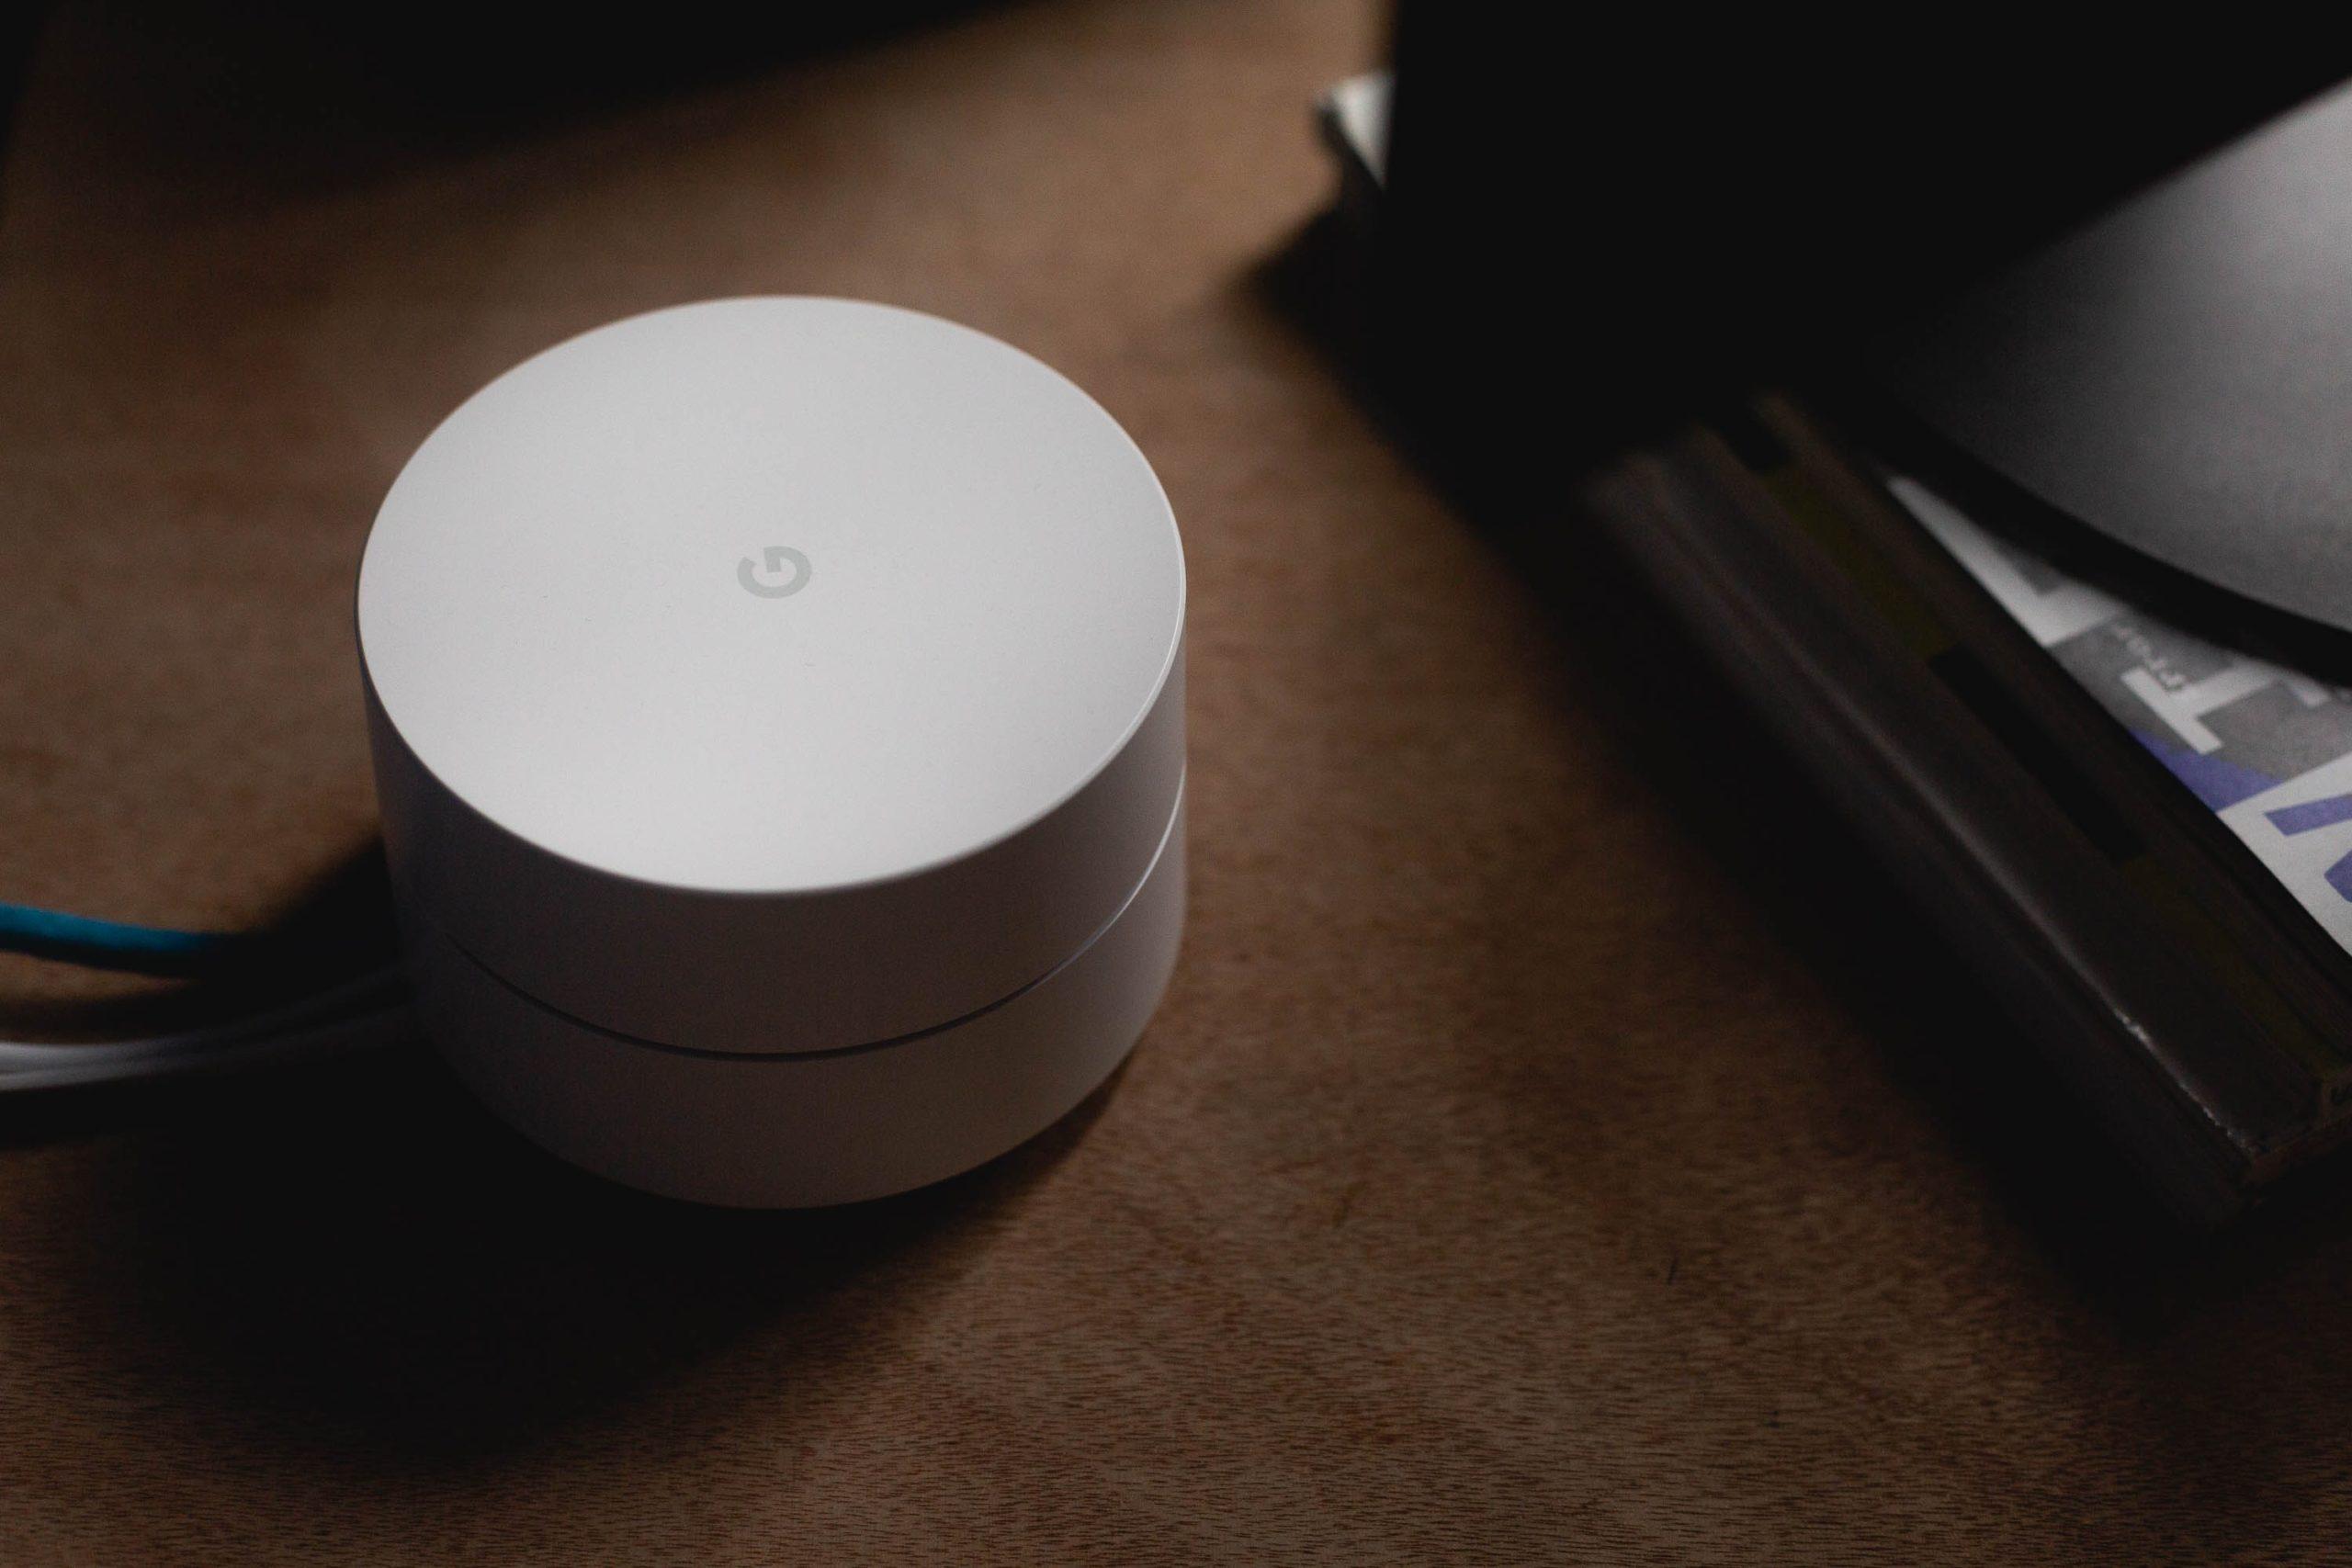 Sterowanie głosowe od Google od teraz na większej liczbie urządzeń